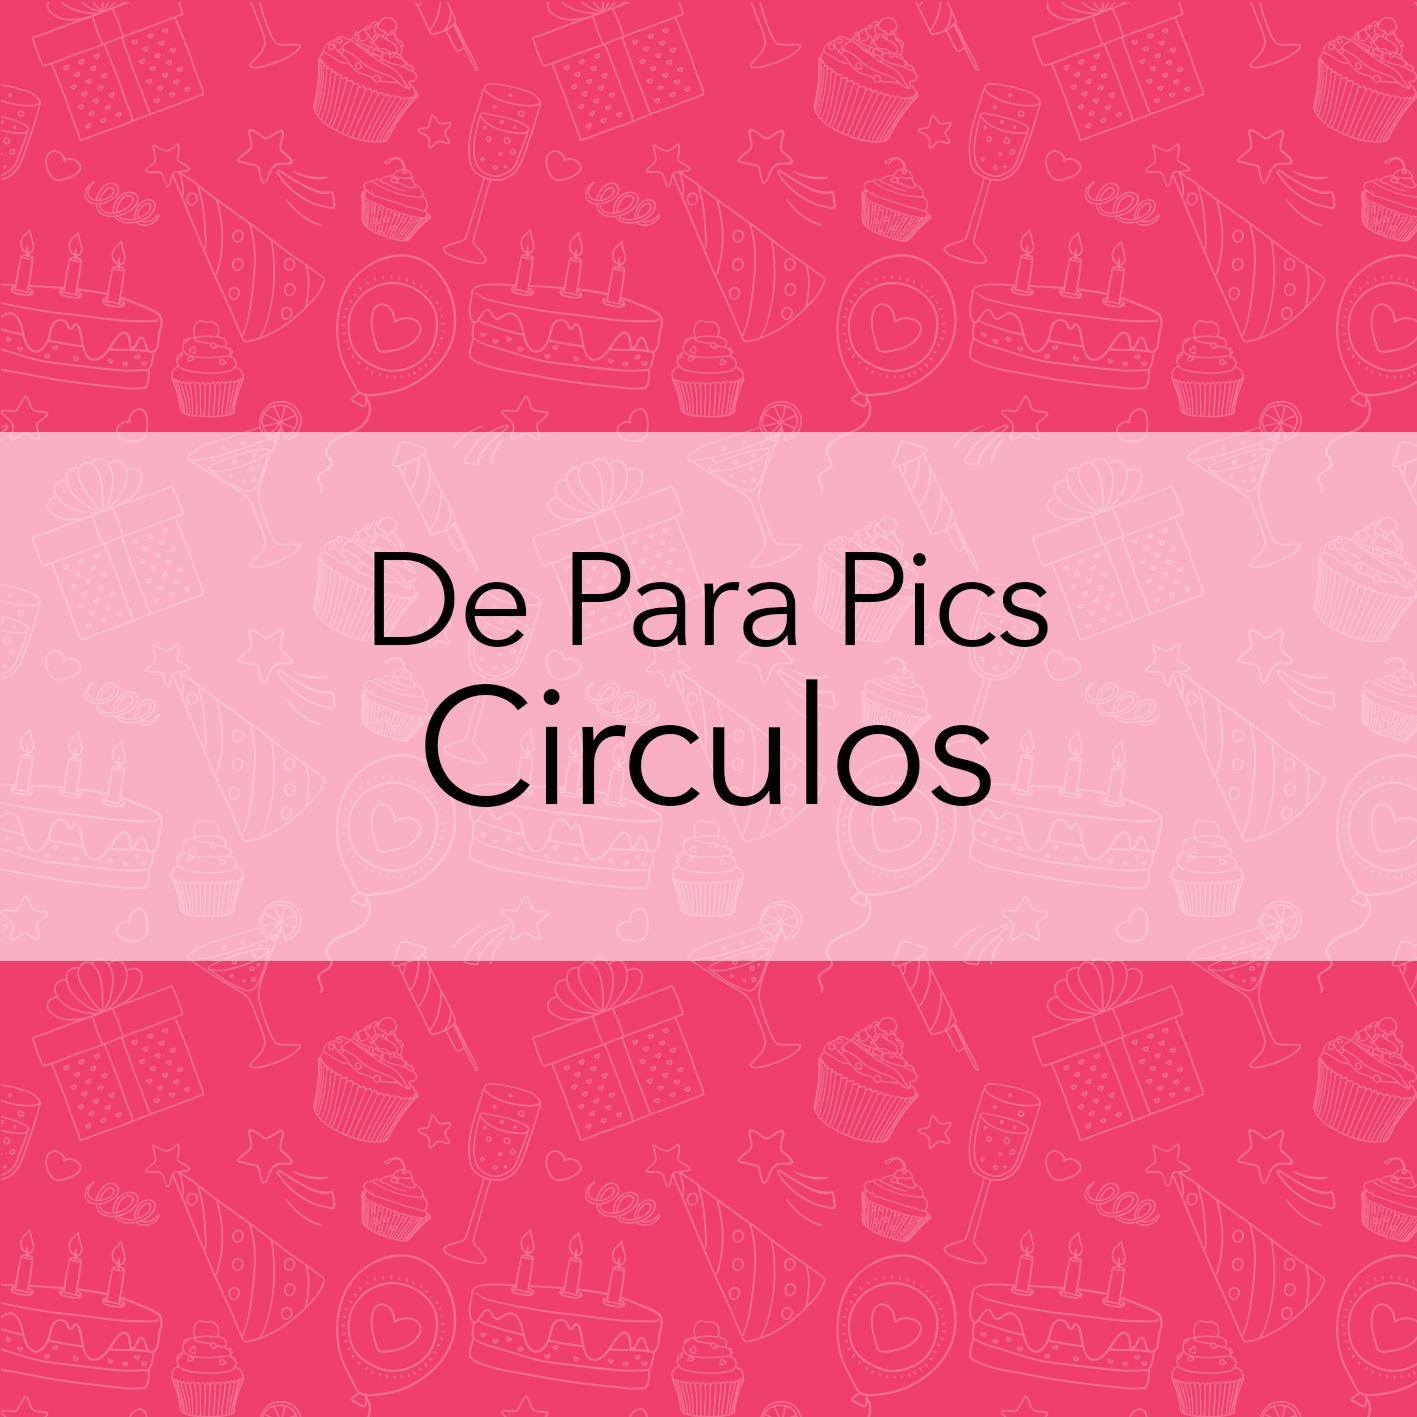 DE PARA PICS CIRCULOS